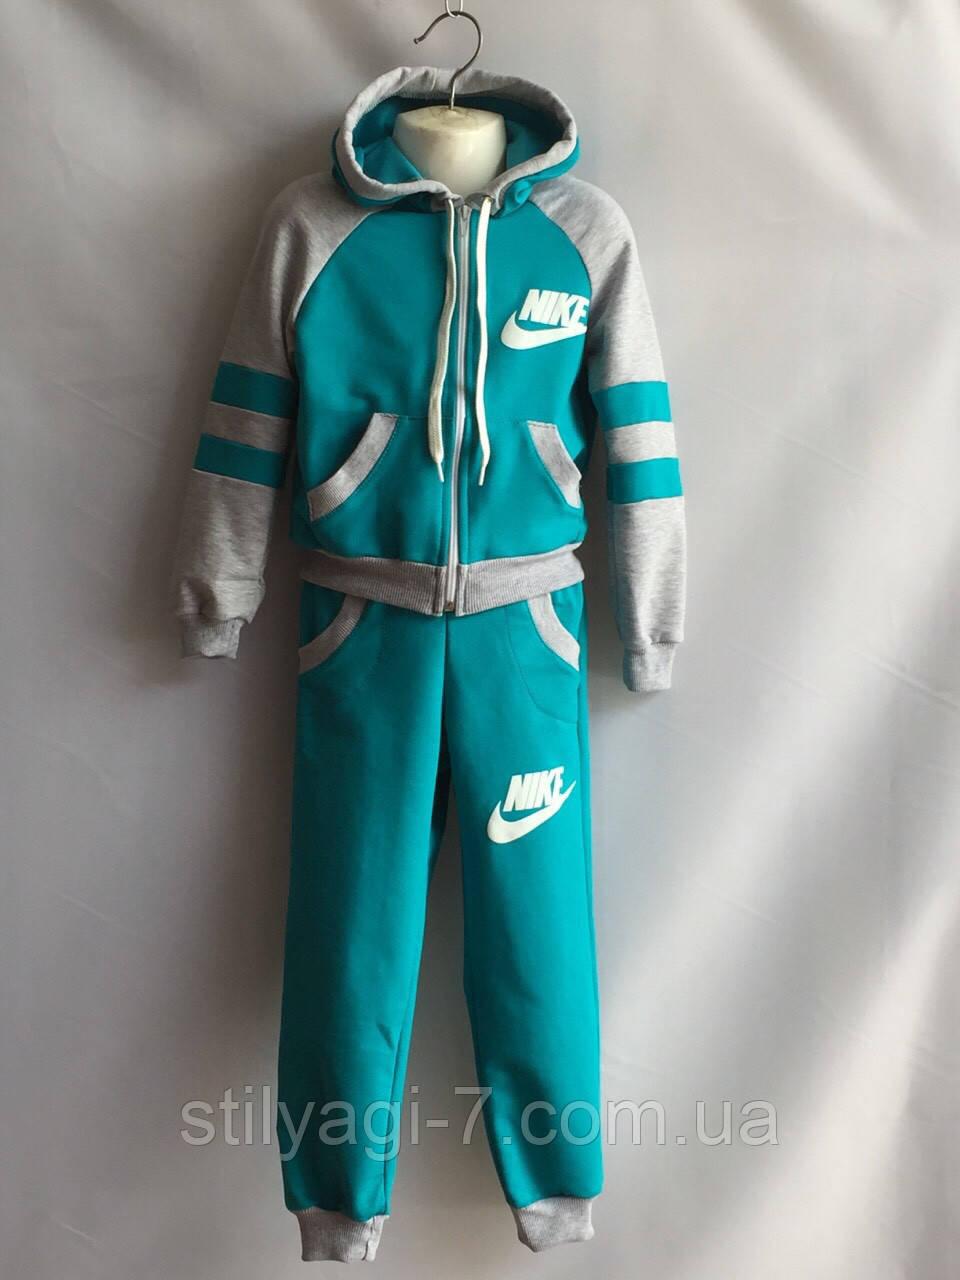 Спортивный костюм для девочки 4-7 лет бирюзового цвета Nike с капюшоном оптом